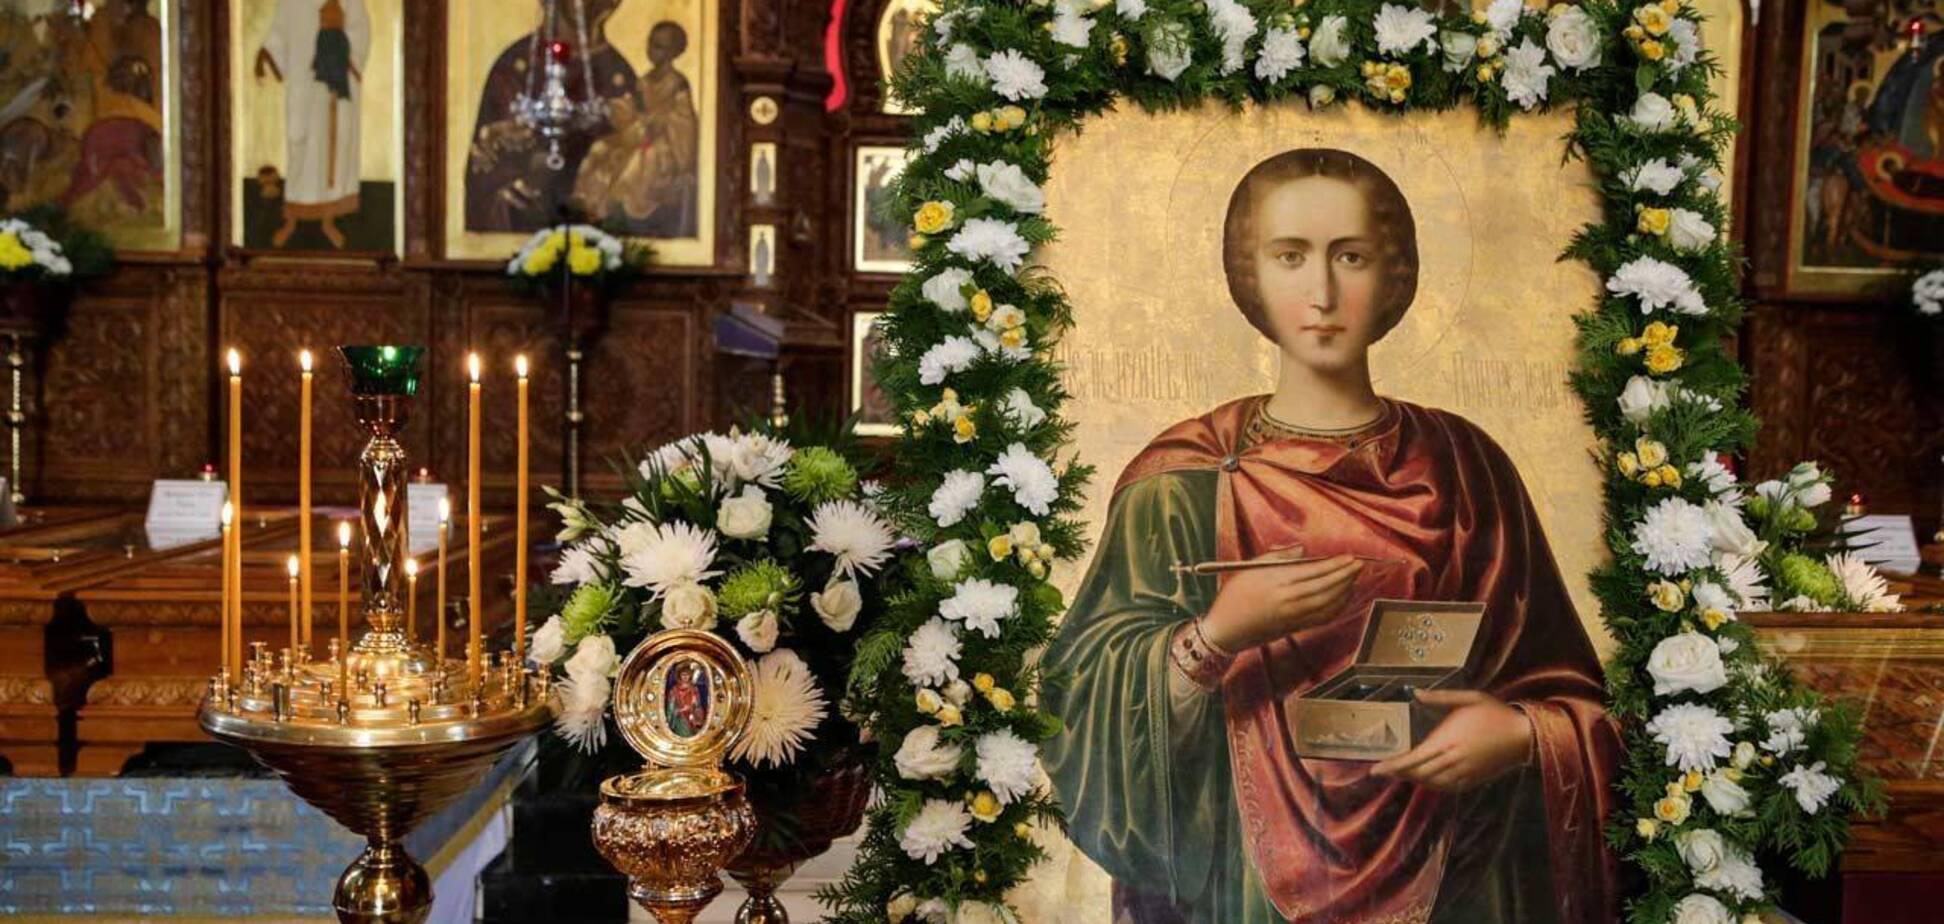 Великомученик Пантелеймон считается покровителем врачей, больных и военных